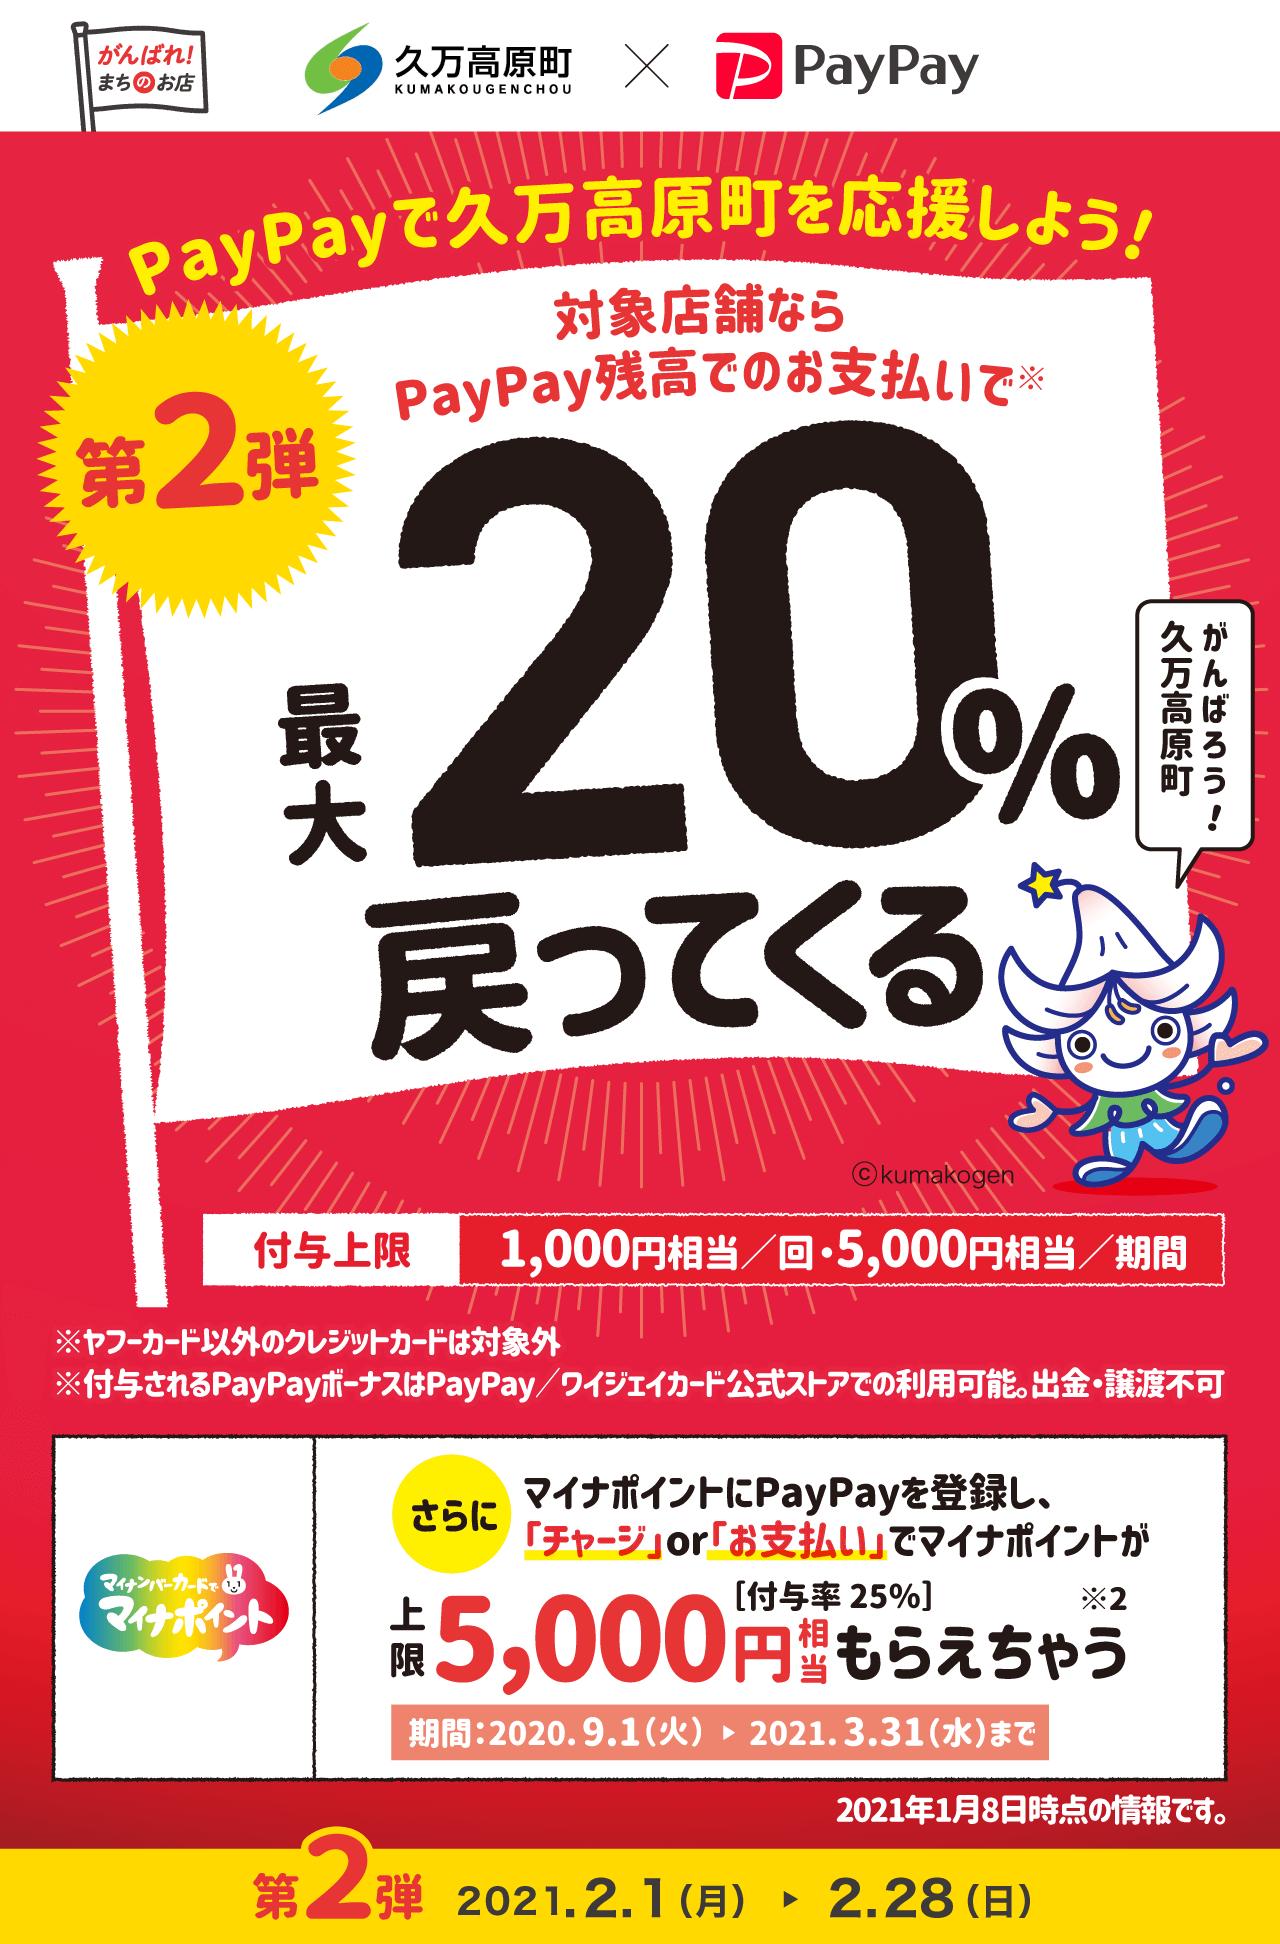 PayPayで久万高原町を応援しよう! 第2弾 対象店舗ならPayPay残高でのお支払いで 最大20%戻ってくる